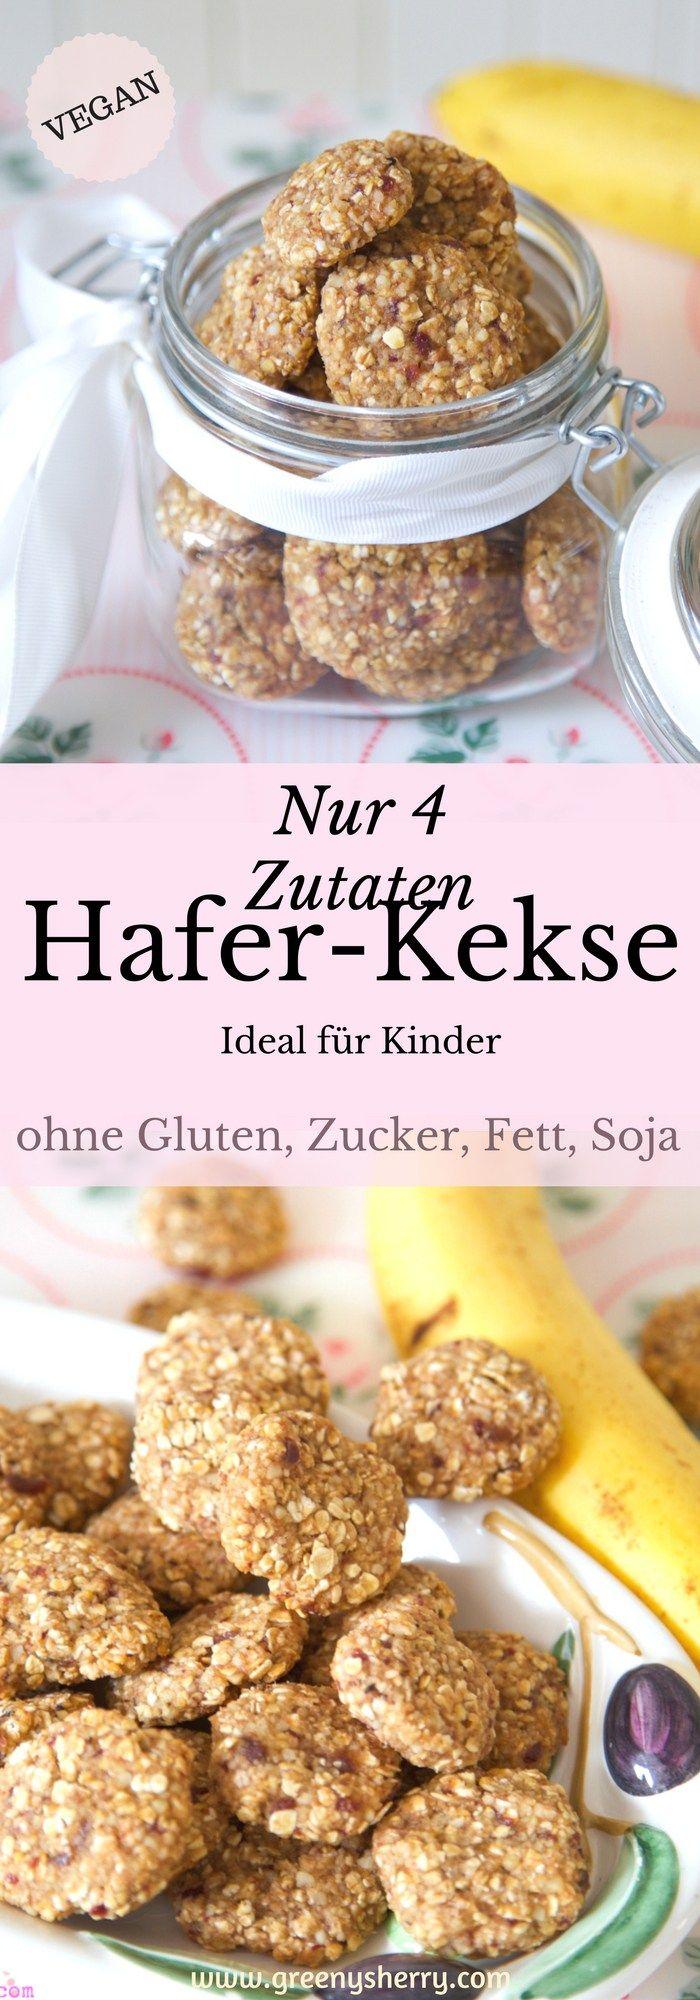 Gesunde Haferkekse – ideal für Kinder (glutenfrei, vegan)   – Die besten Keksrezepte